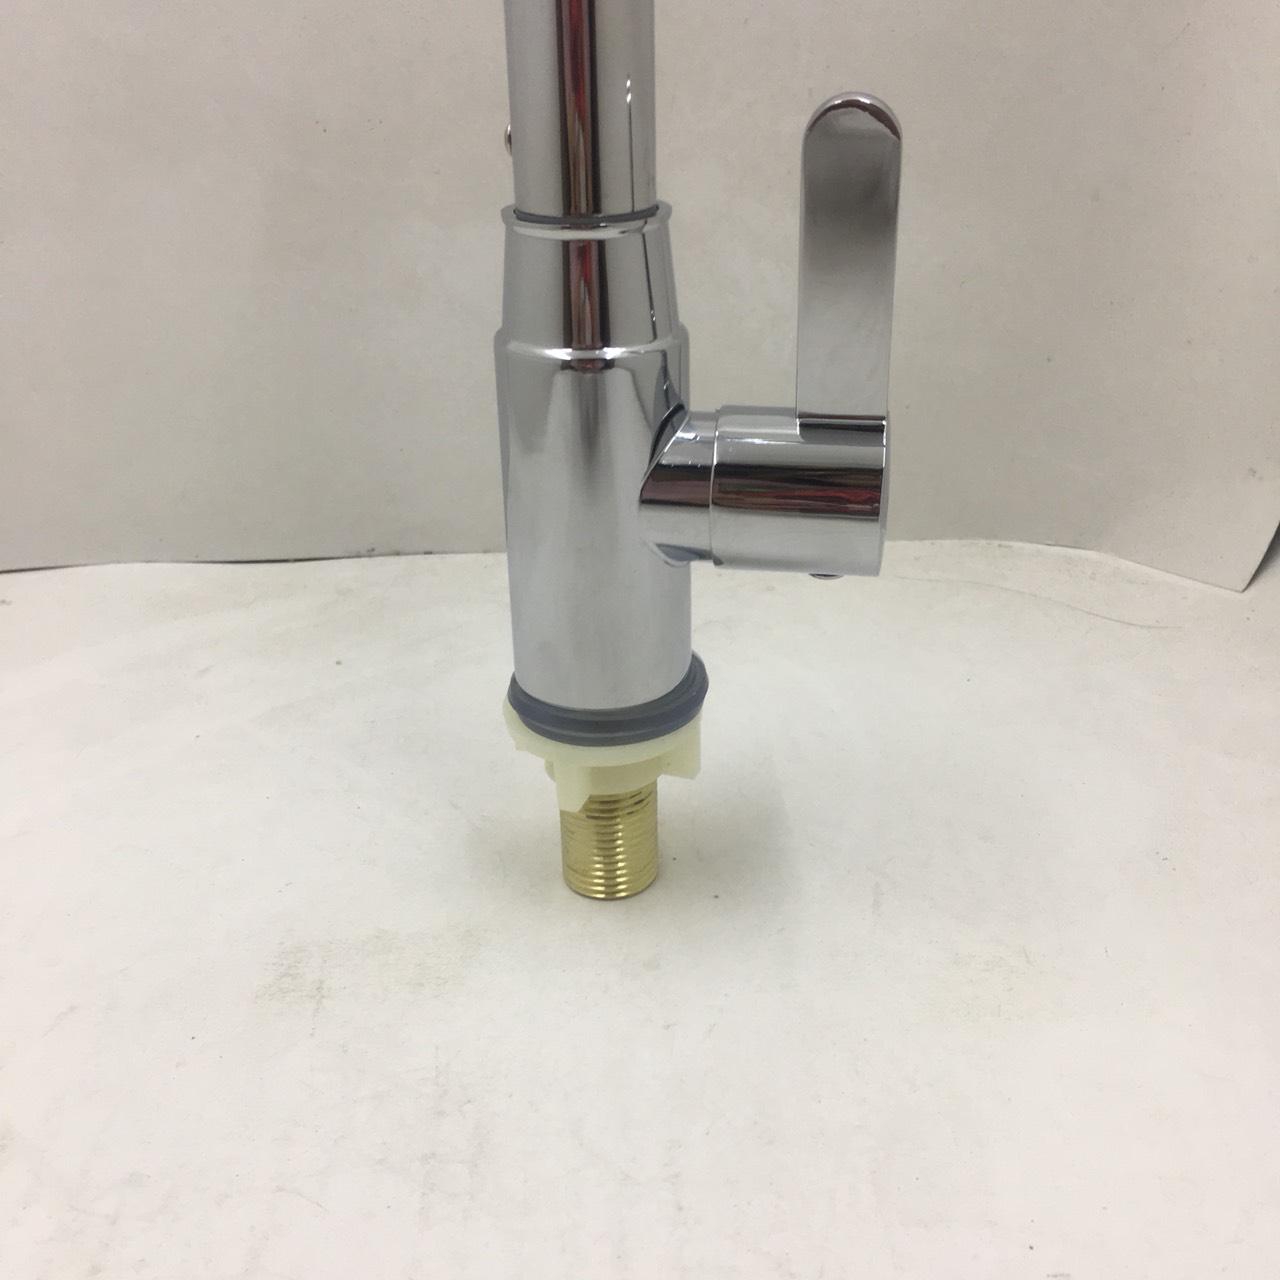 Vòi rửa chén bát lạnh đồng mạ Chrome cao cấp - Vòi rửa bát kèm dây cấp